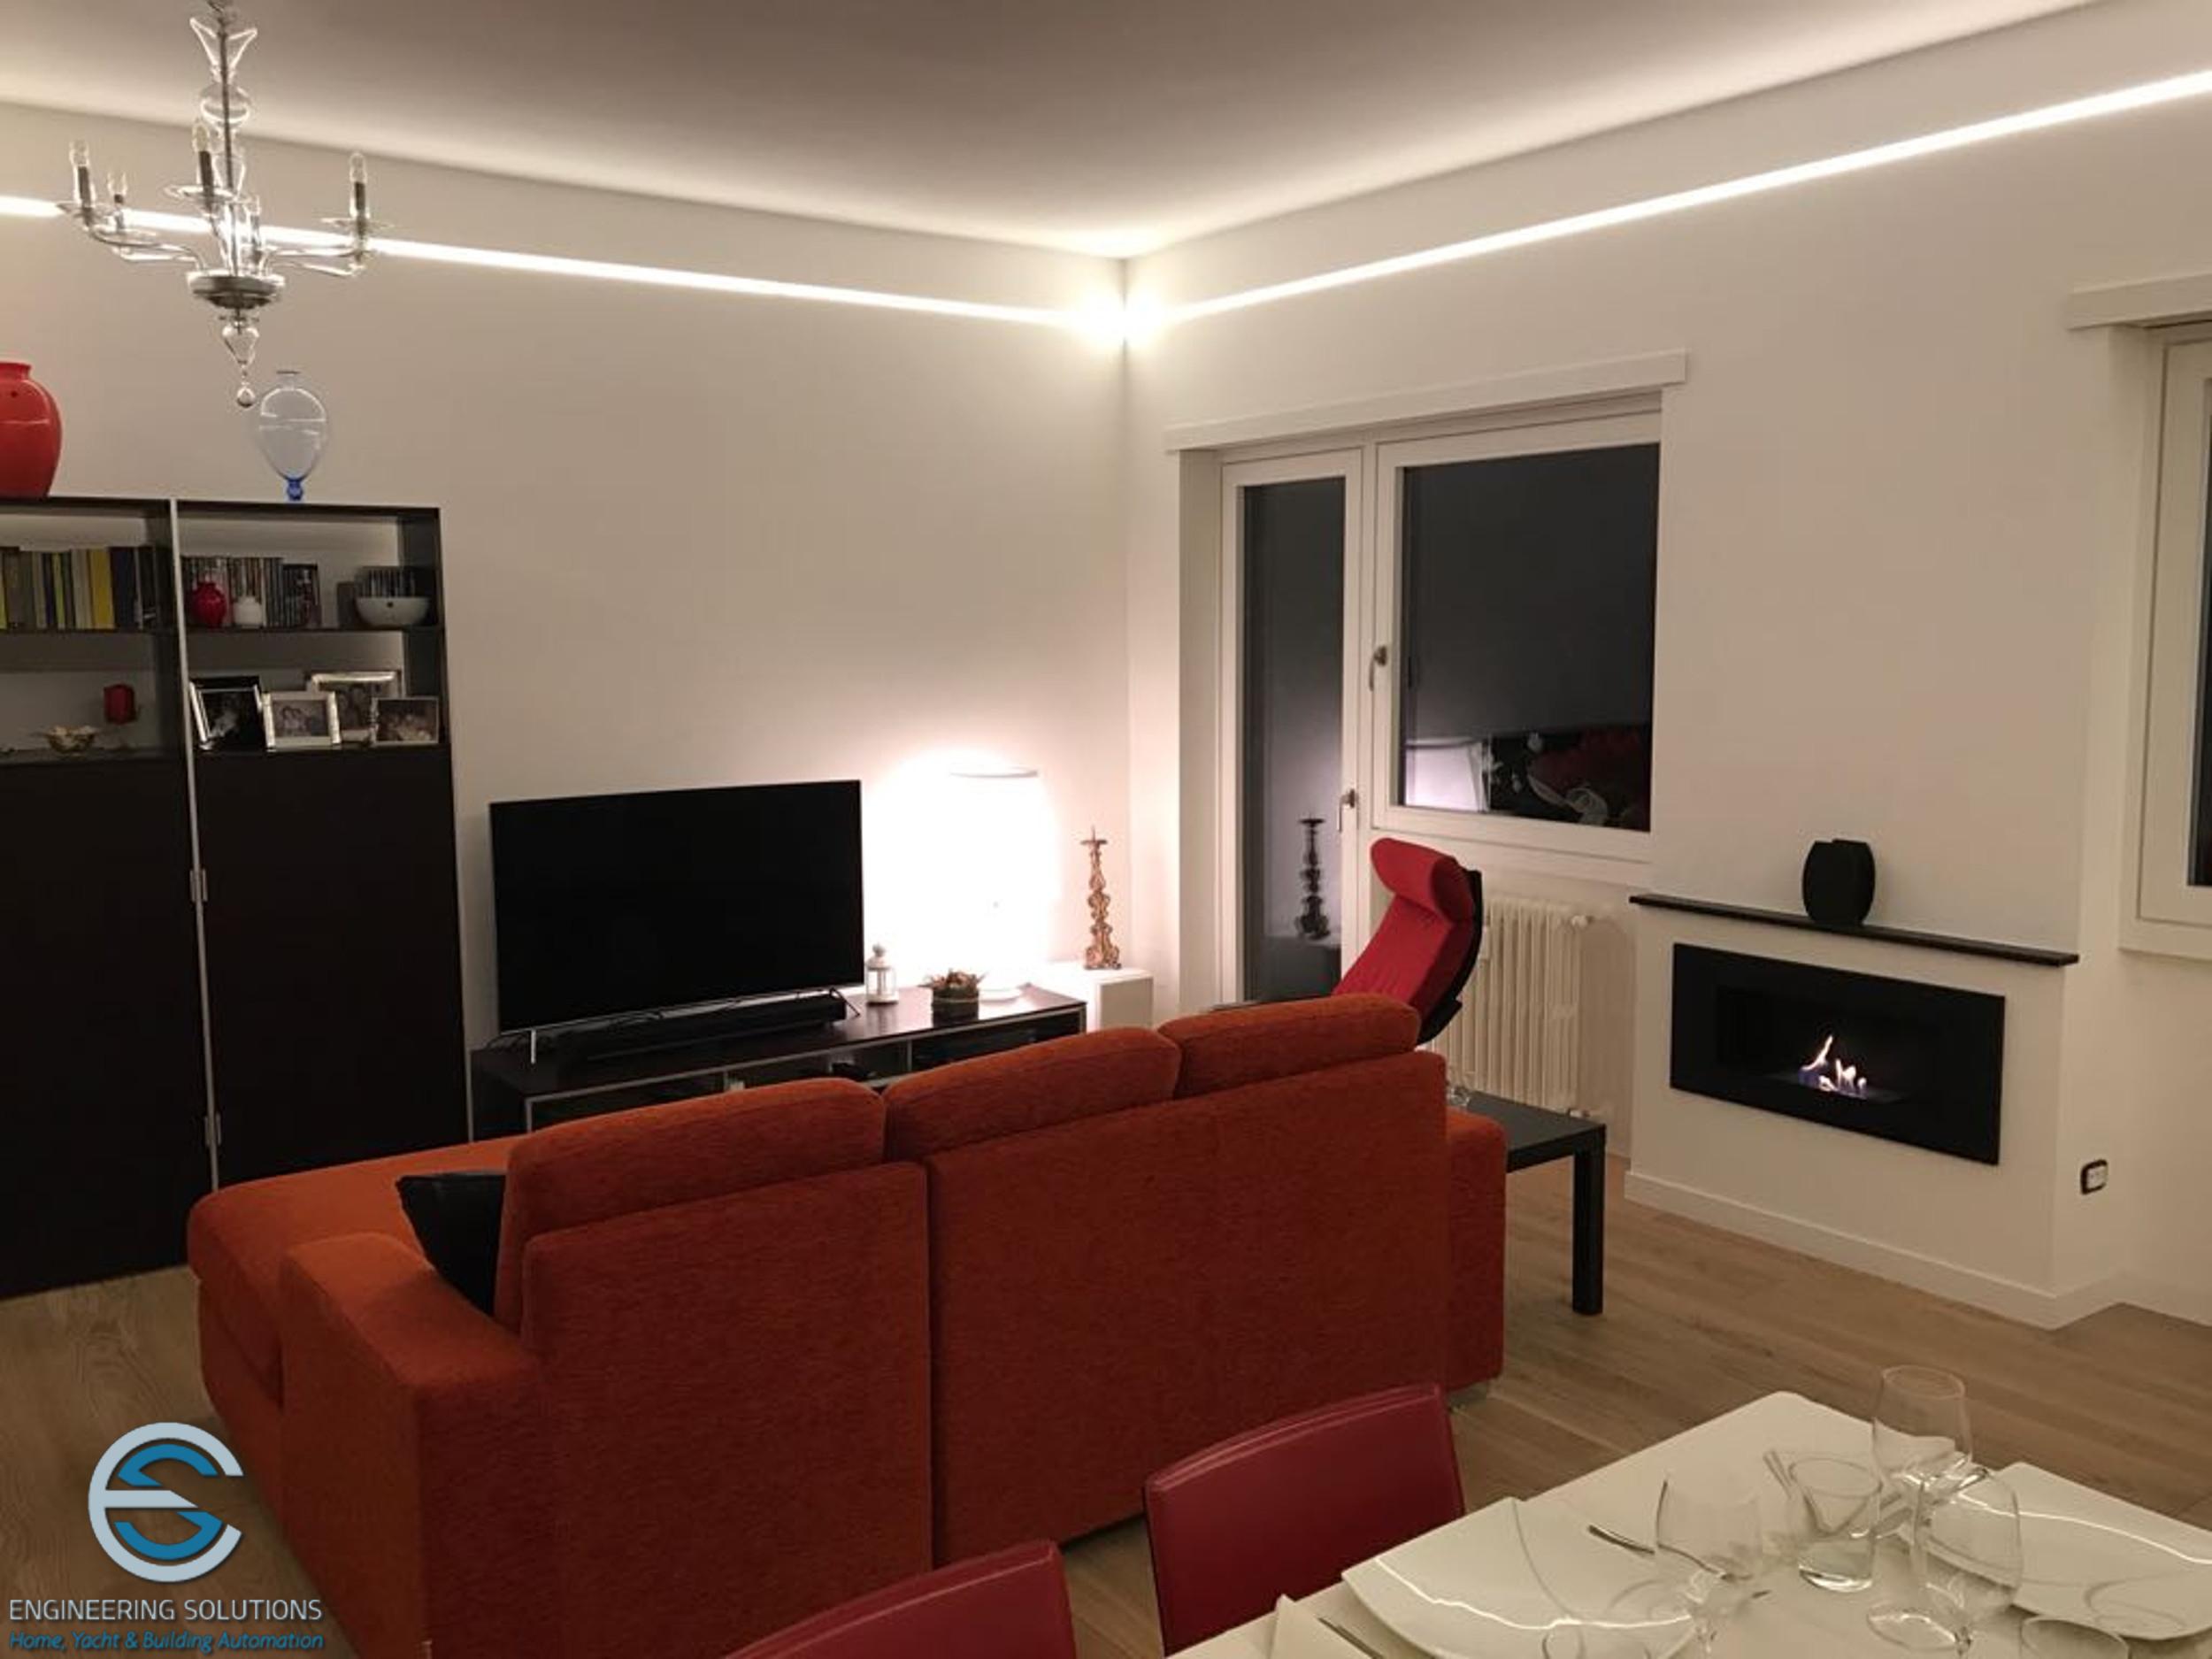 residenza privata domotica roma